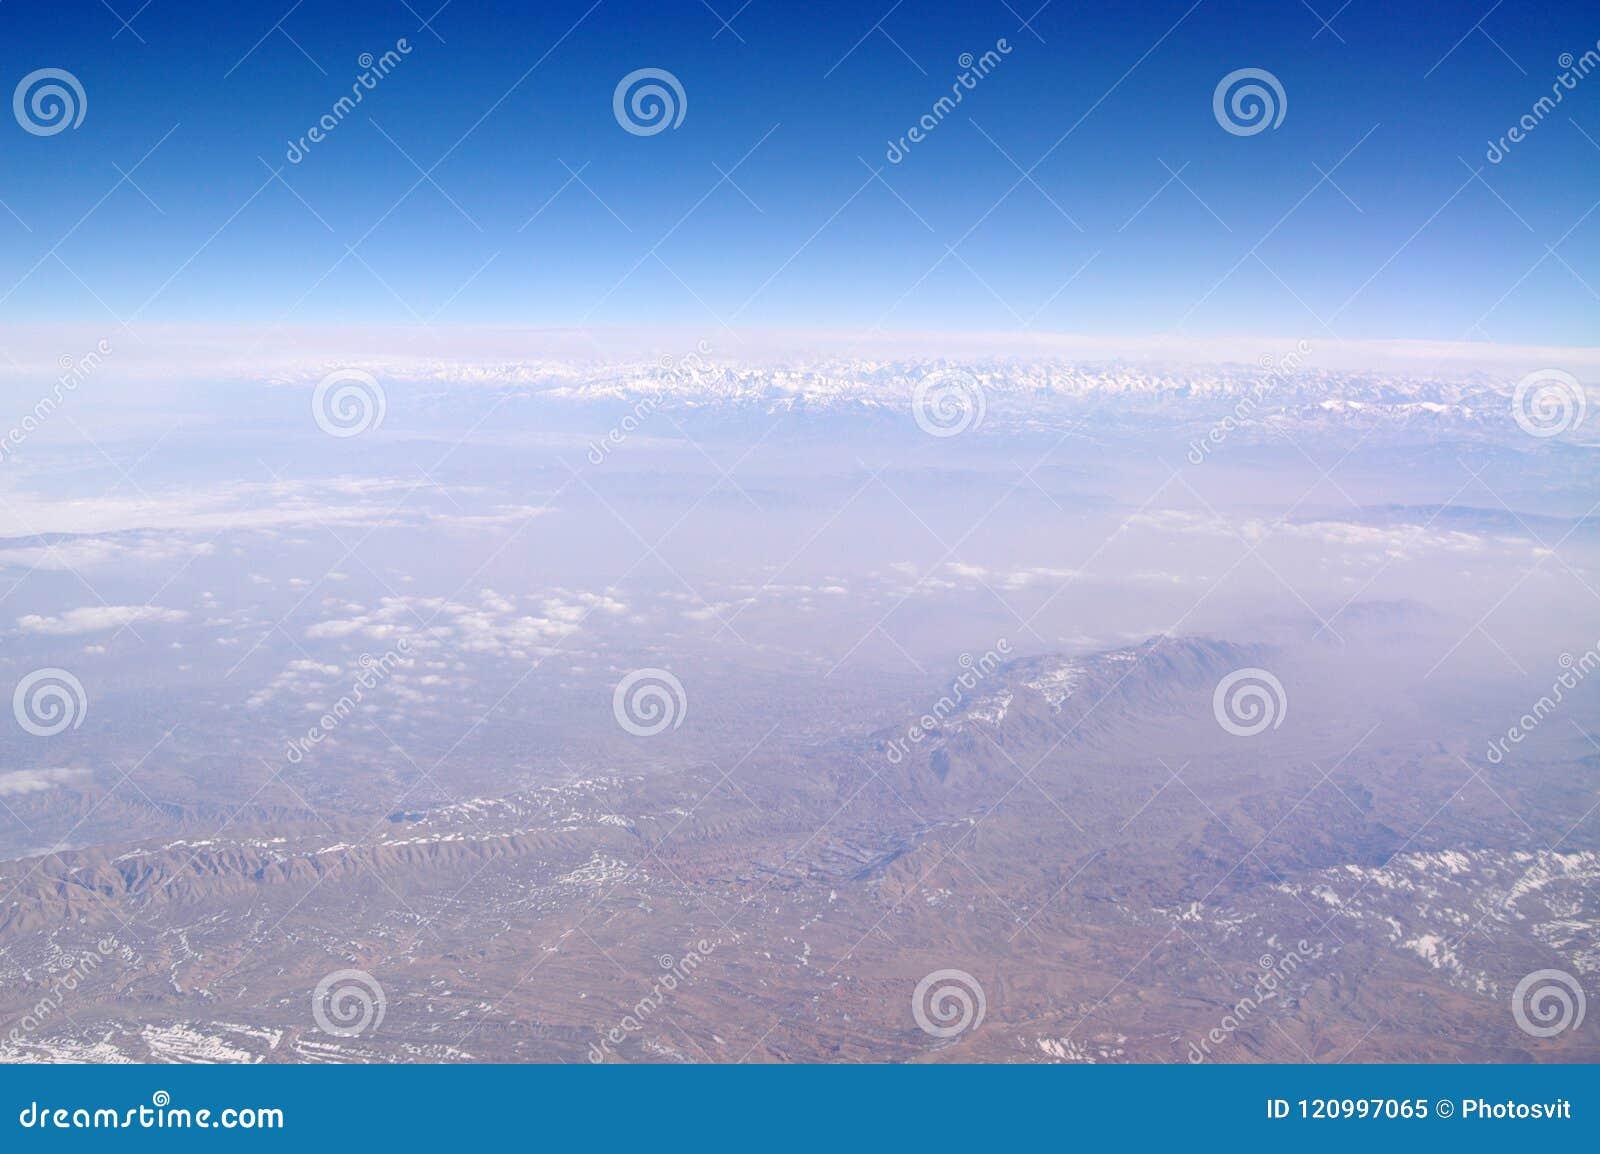 Góra krajobraz na niebieskim niebie, widok z lotu ptaka Ziemska powierzchnia Środowisko ekologia i ochrona podróżomania i podróż